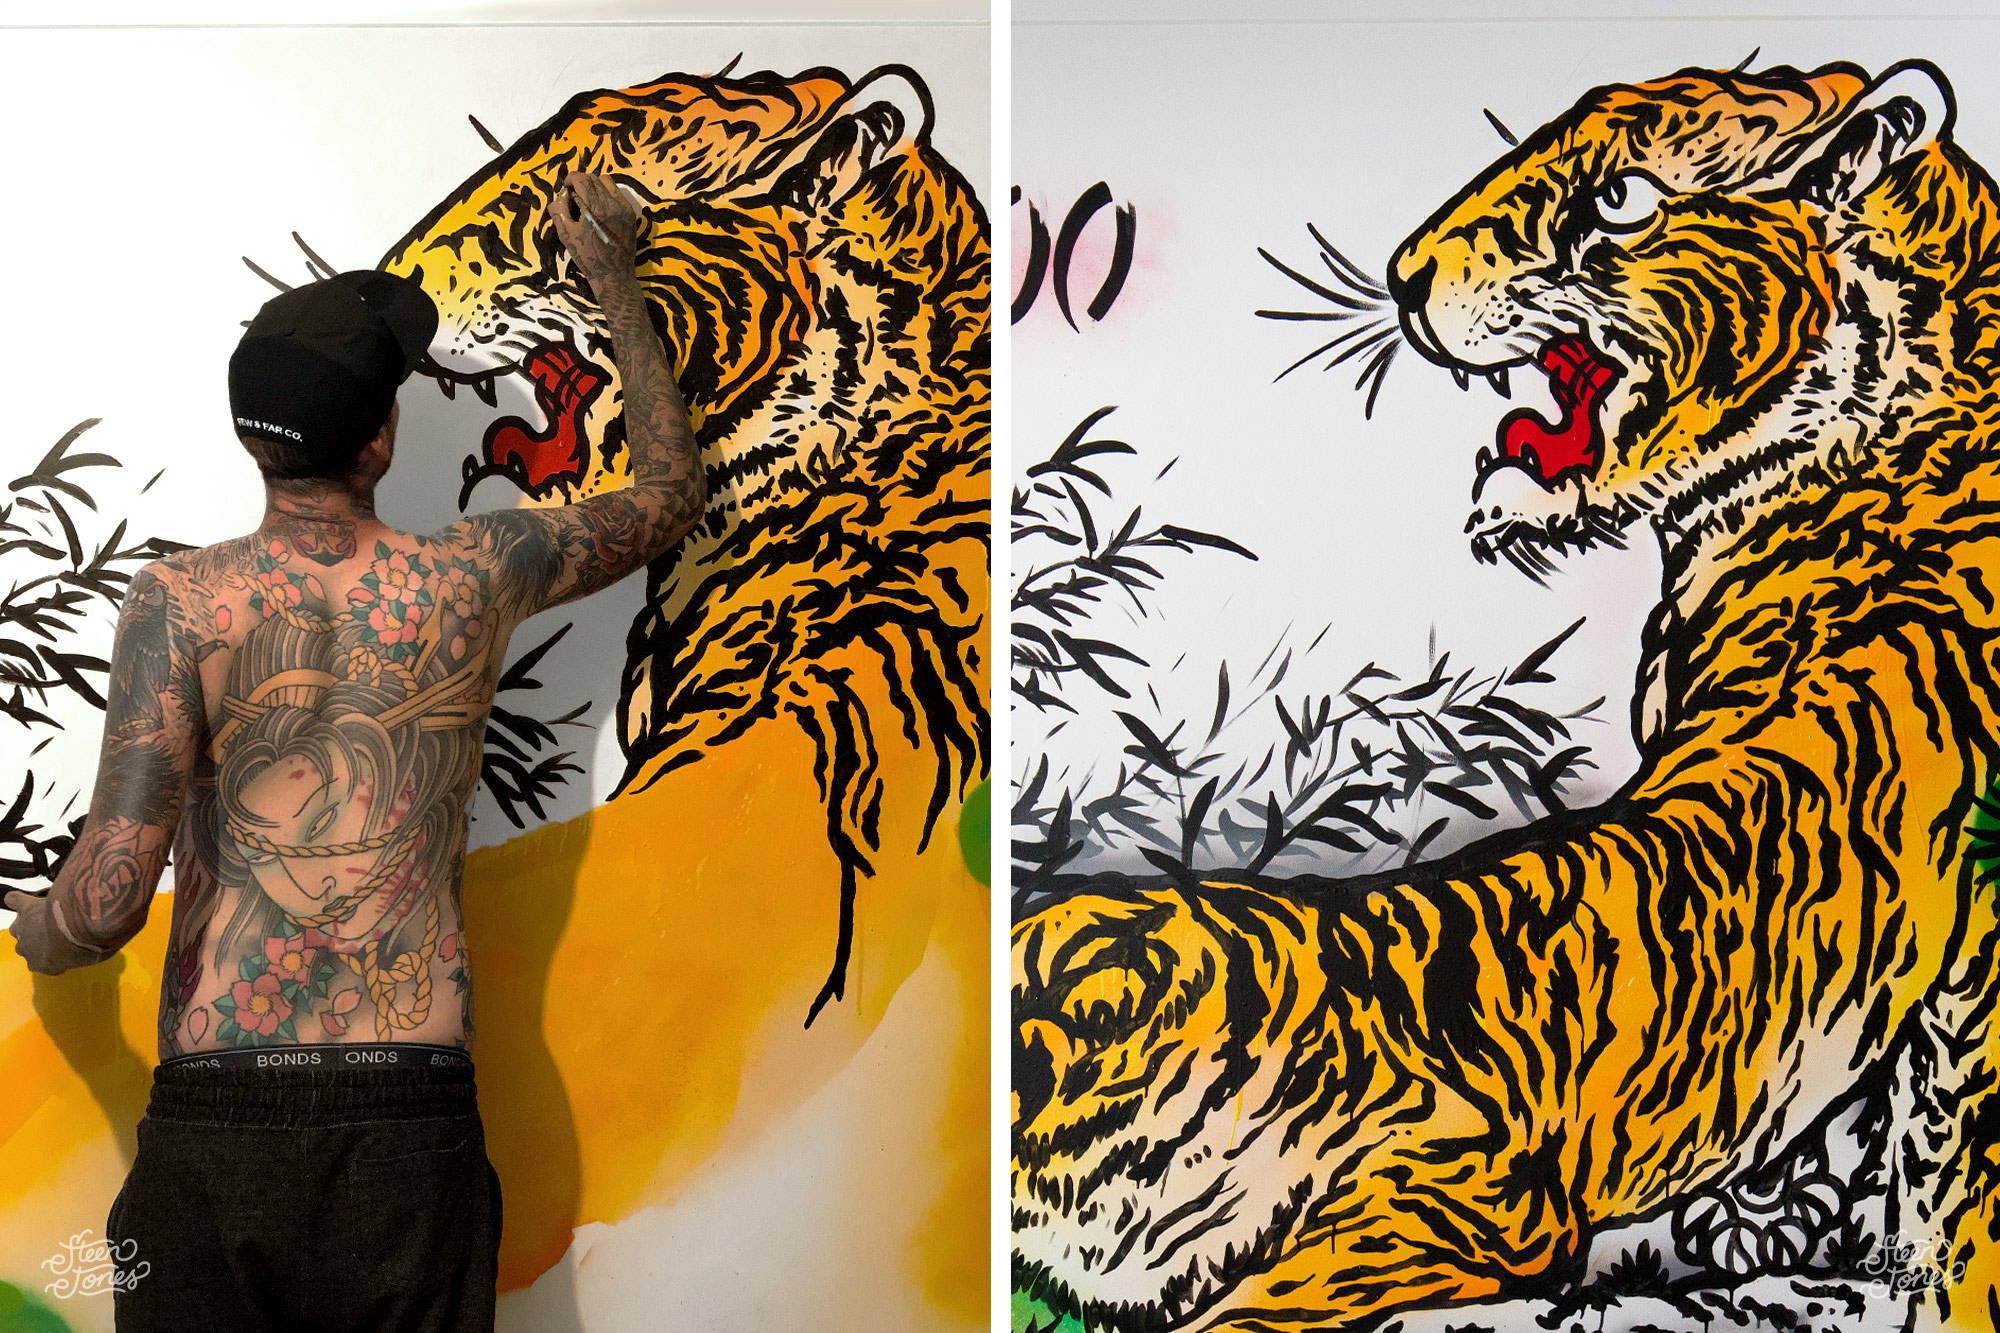 Steen Jones Tattoo Street Artist Australia Three Dice Tattoo Shop Tiger Mural